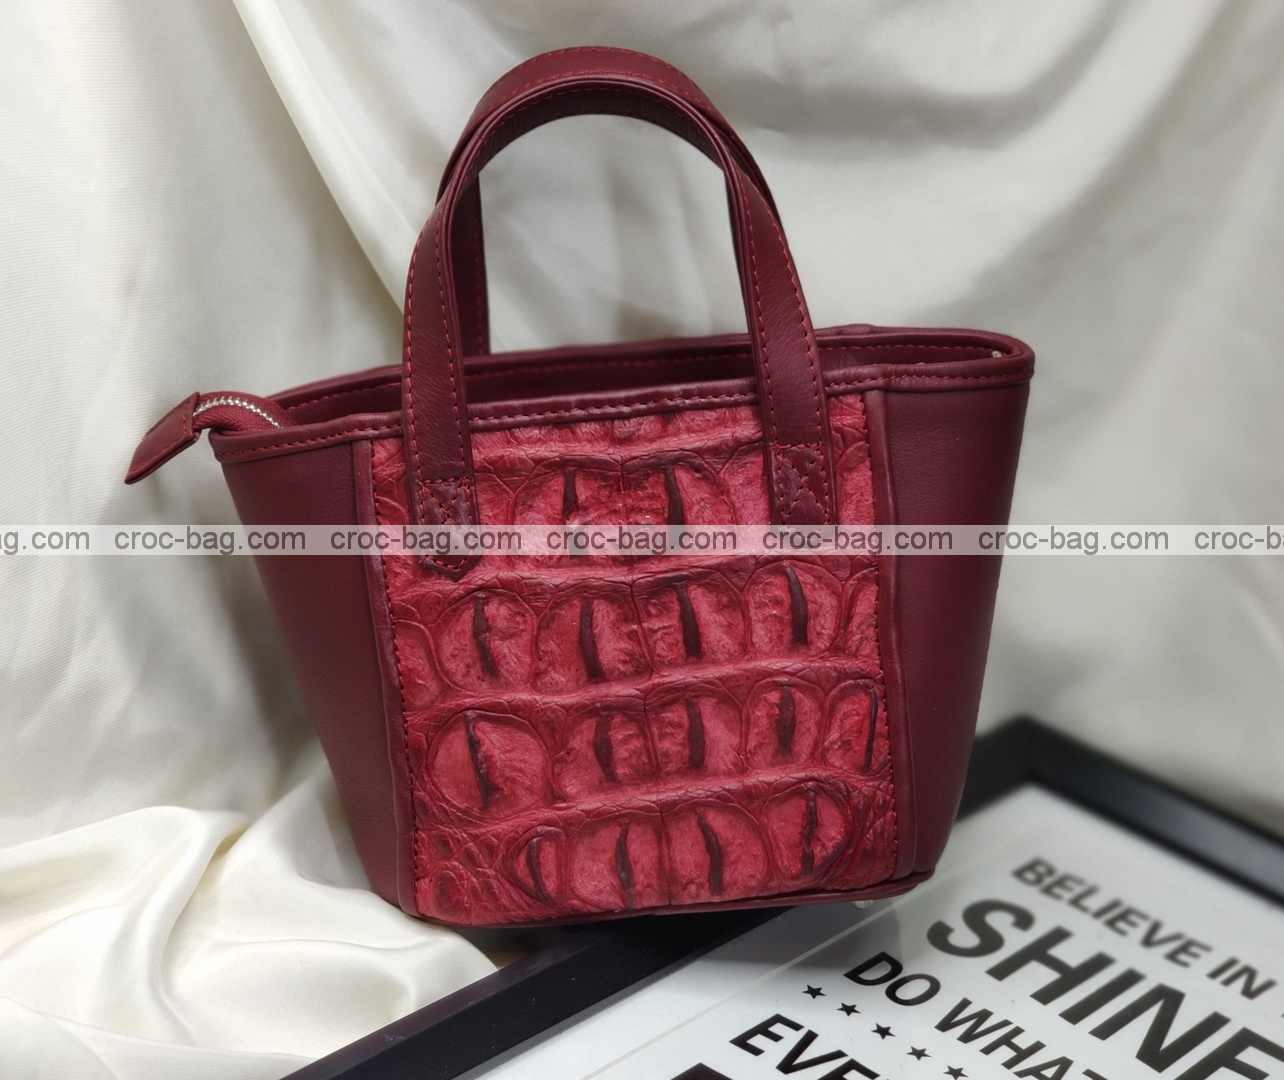 กระเป๋าหนังจระเข้สำหรับผู้หญิง 5466